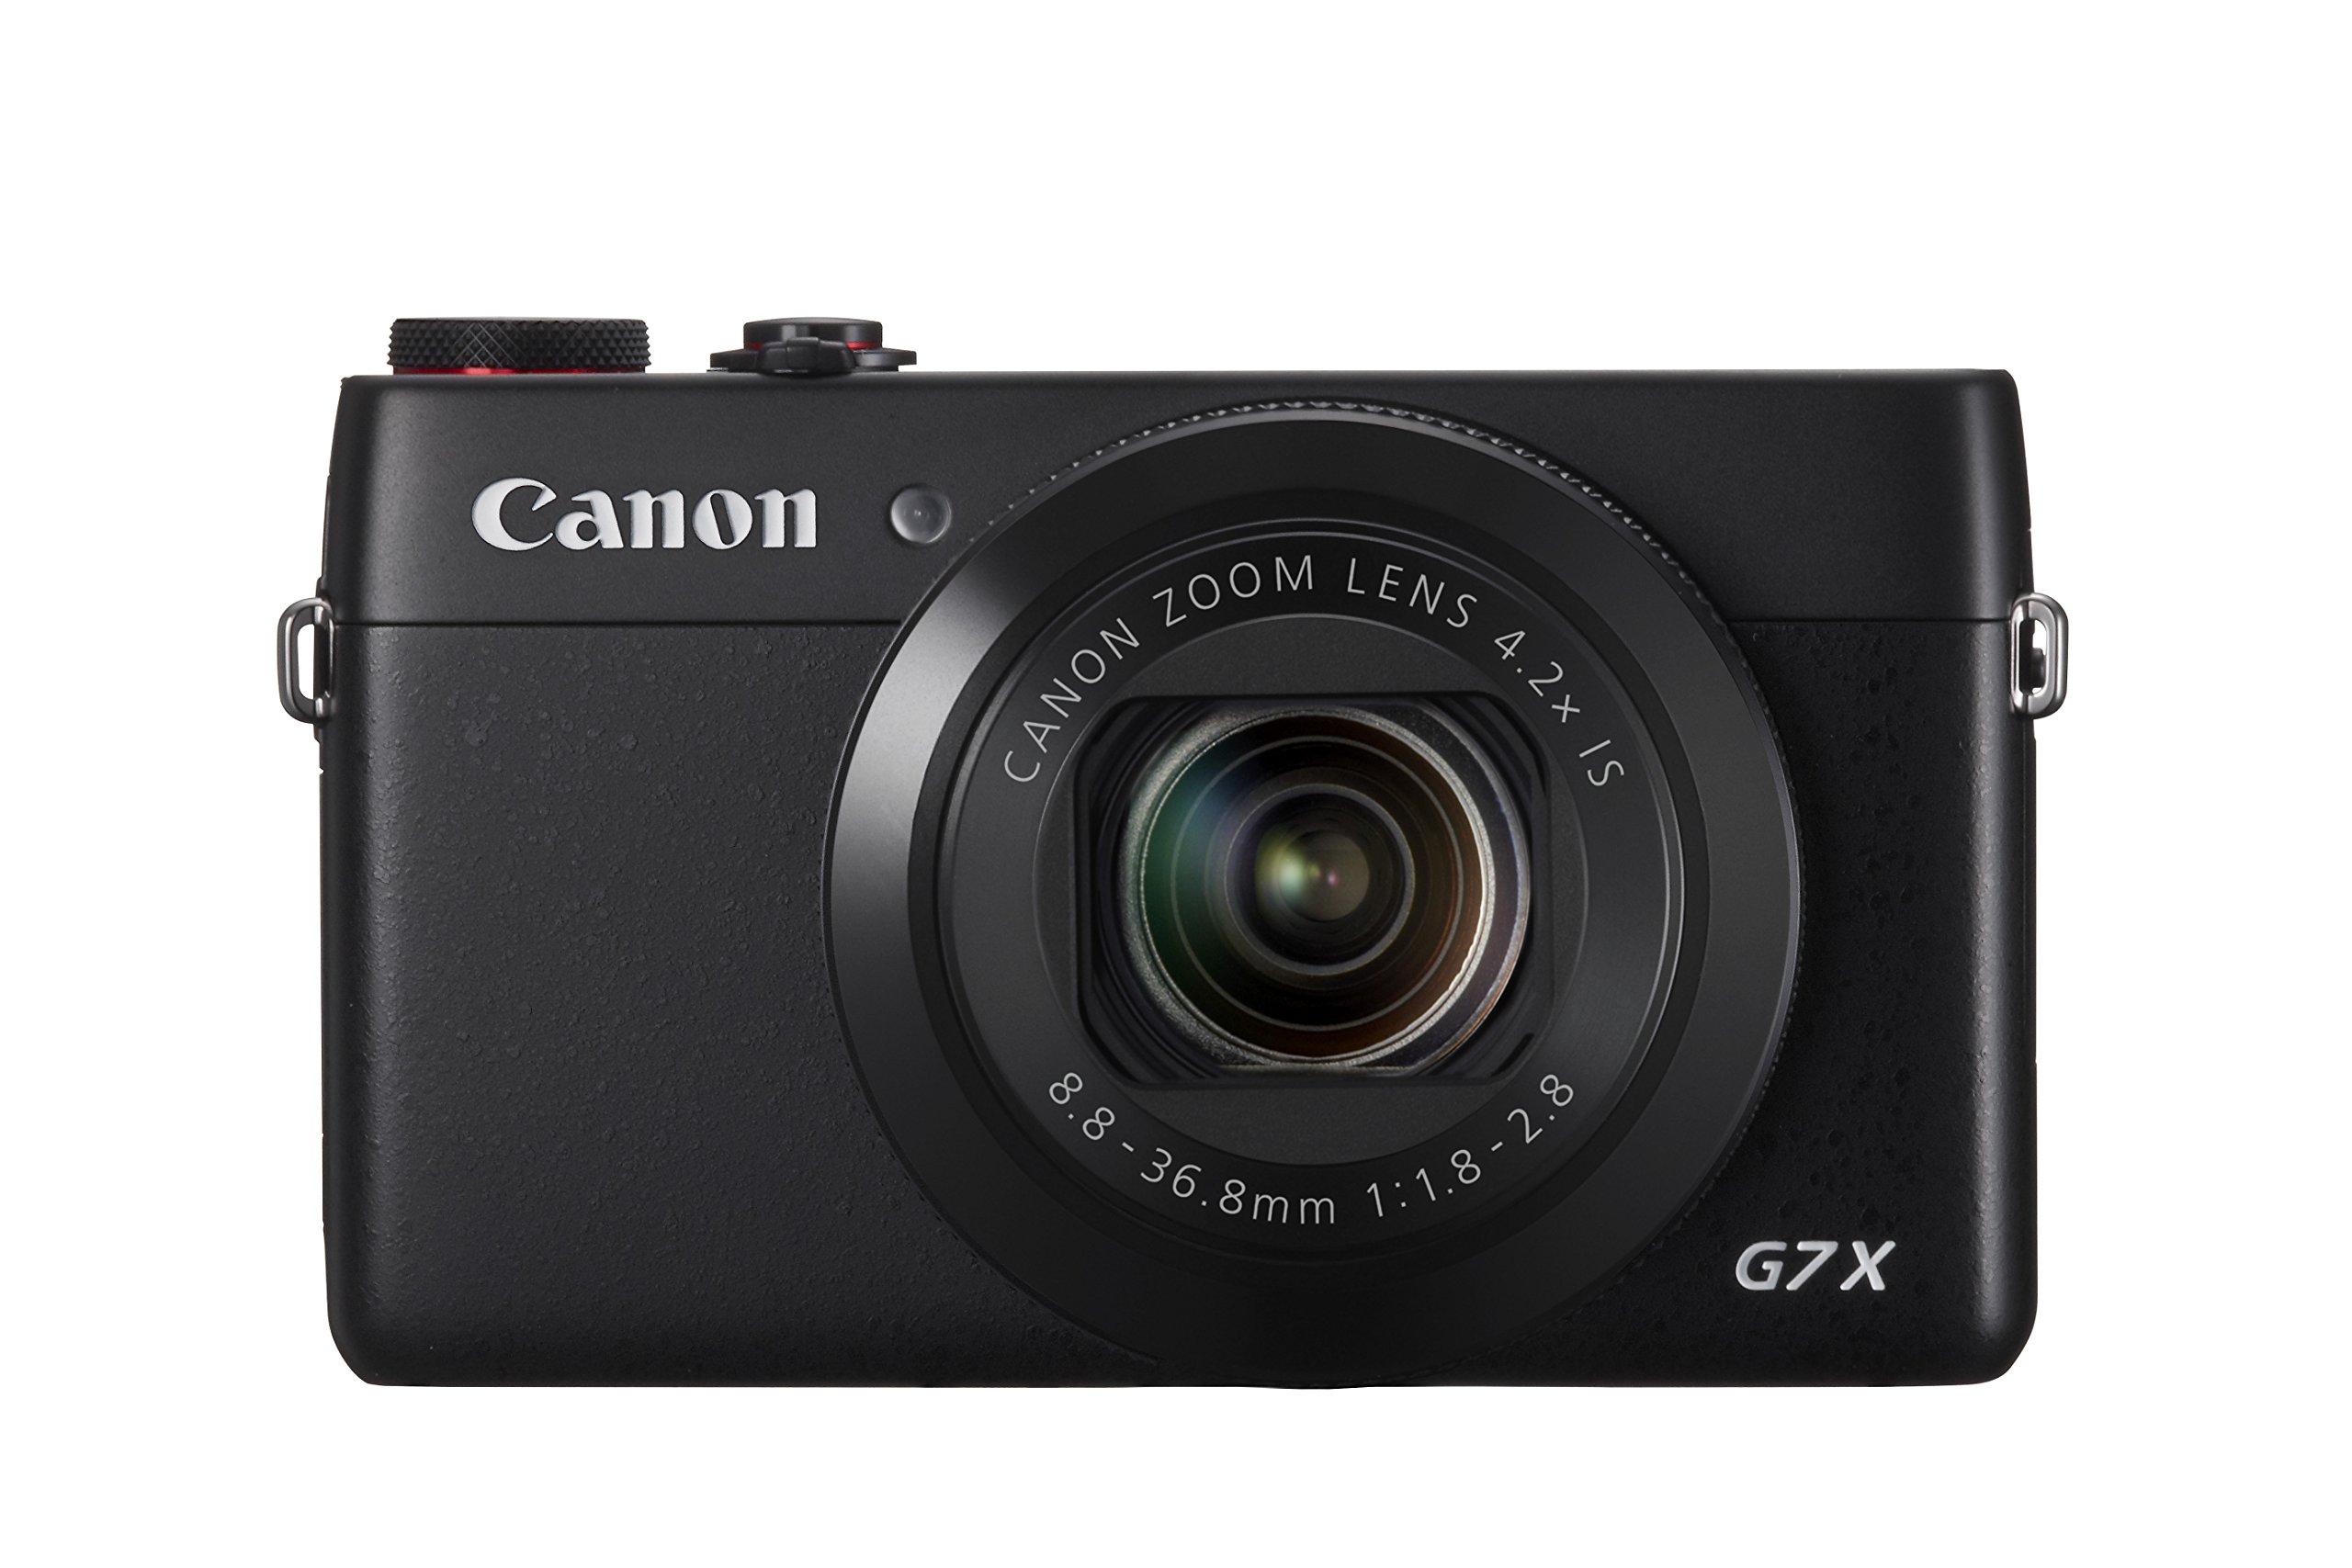 Canon G7x - 810GiAMVEWL - Canon G7x